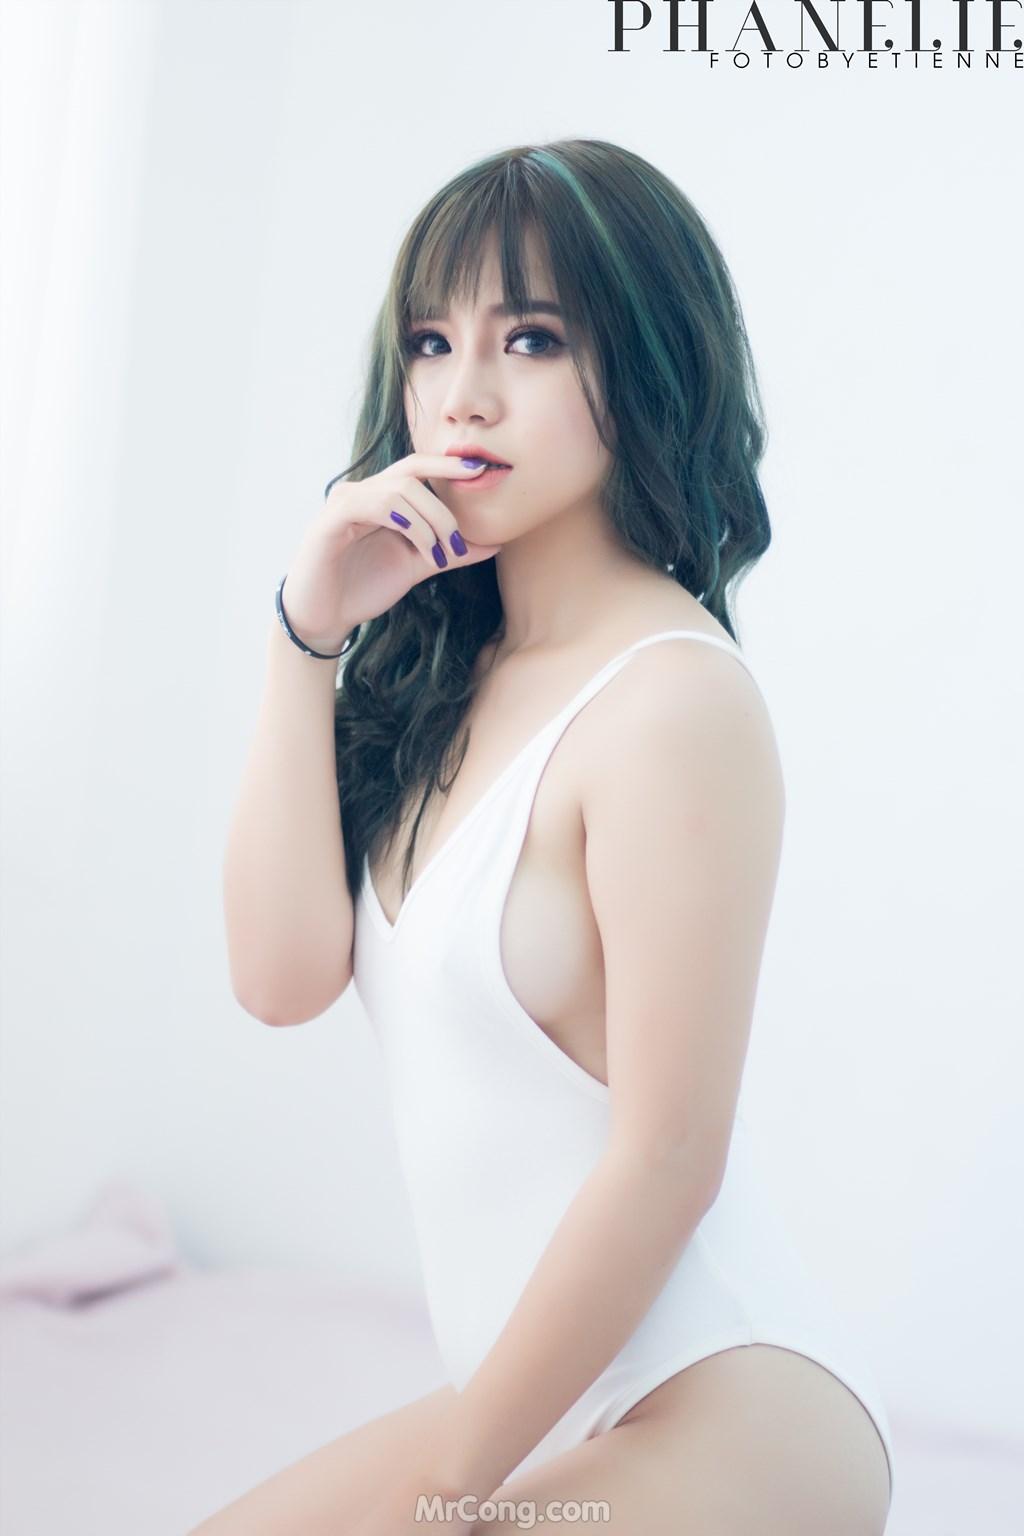 Image Sexy-Vietnamese-Models-by-Le-Blanc-Studio-Phan-2-MrCong.com-013 in post Những bức ảnh nội y, bikini siêu nóng bỏng của Le Blanc Studio – Phần 2 (458 ảnh)